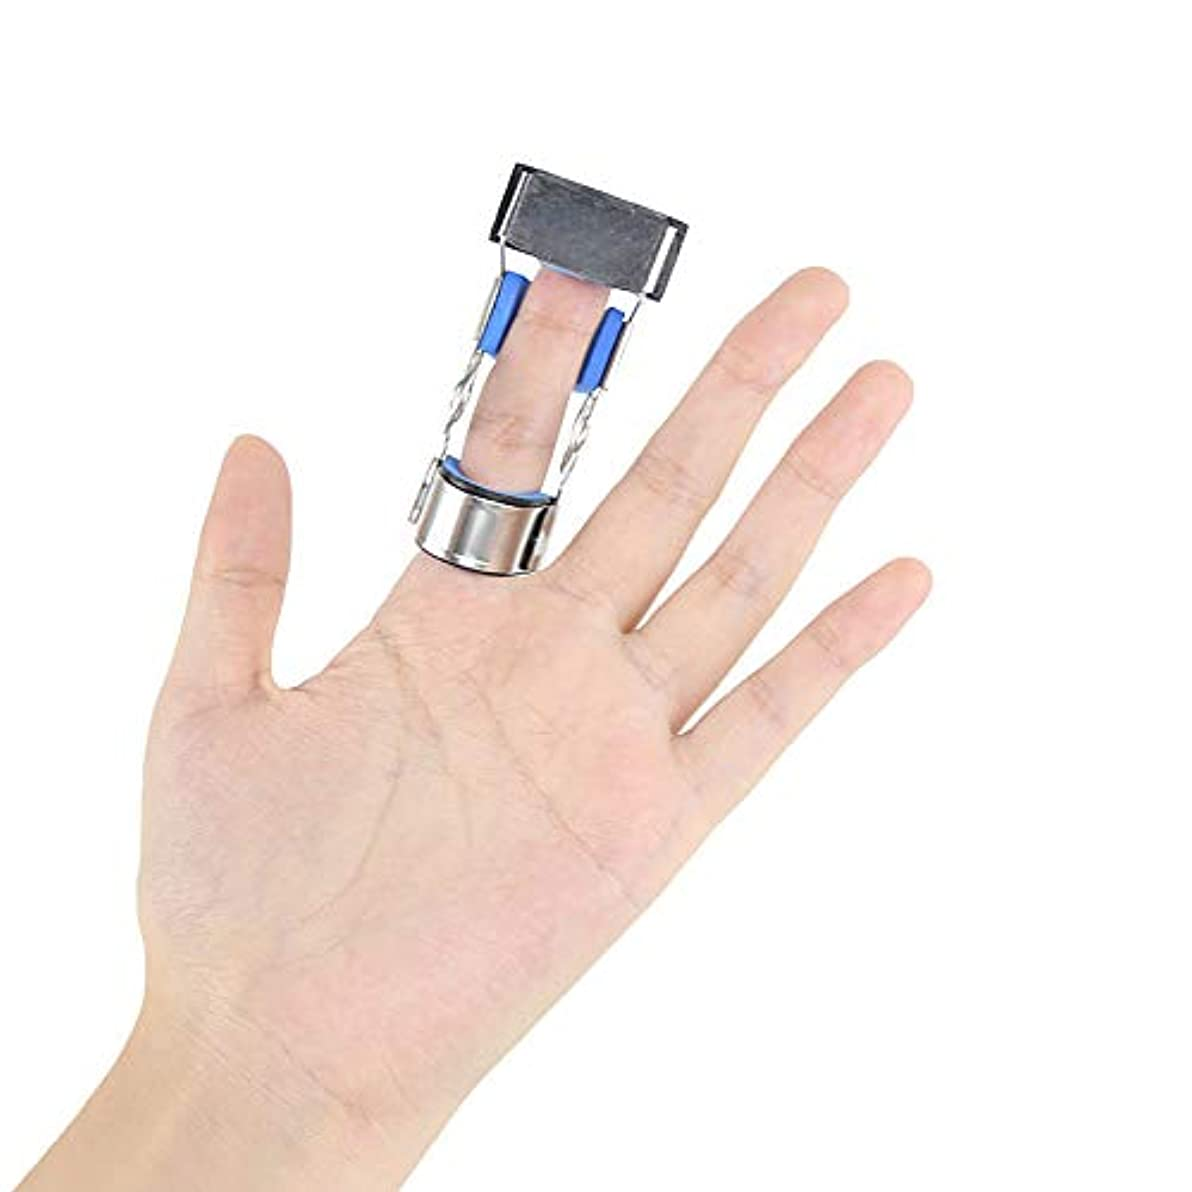 繊毛コールド大量指関節装具けいれん装具骨折固定スプリント痛風関節矯正運動指ラップ矯正湾曲,L